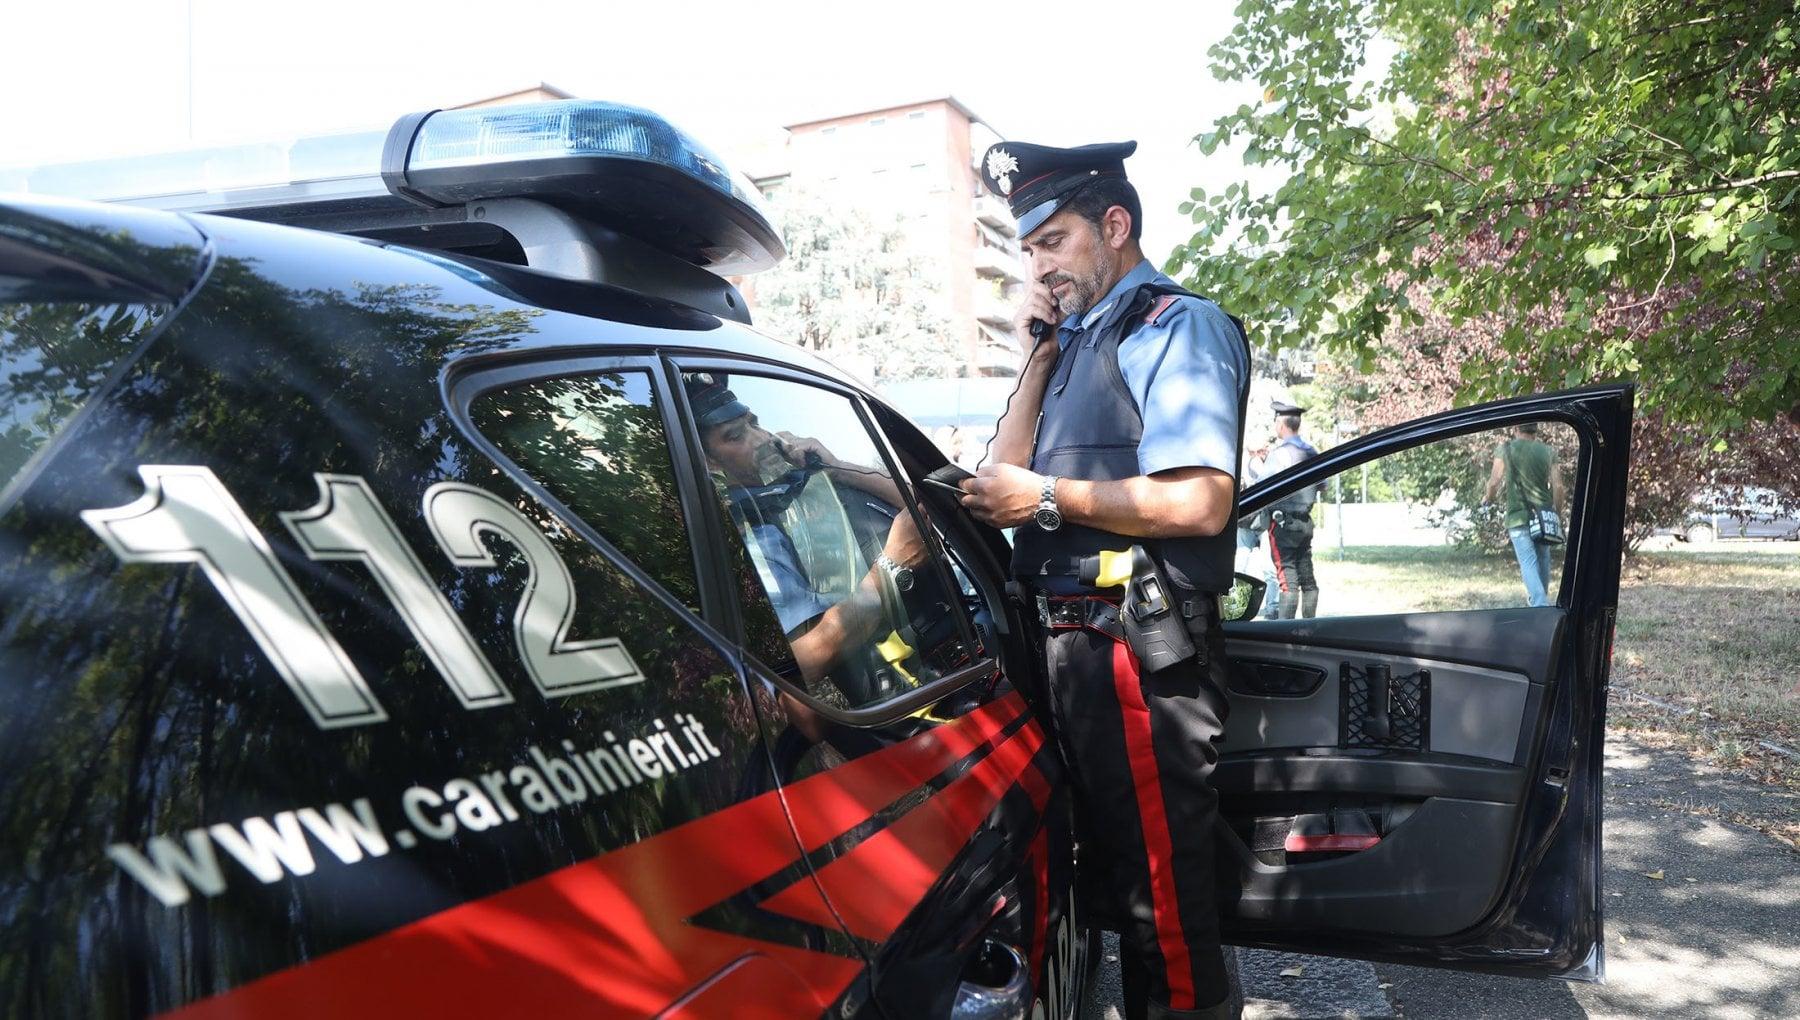 170744083 54270369 d974 4976 b910 0ef7076272ad - Femminicidi, uccide la moglie a coltellate e chiama i carabinieri